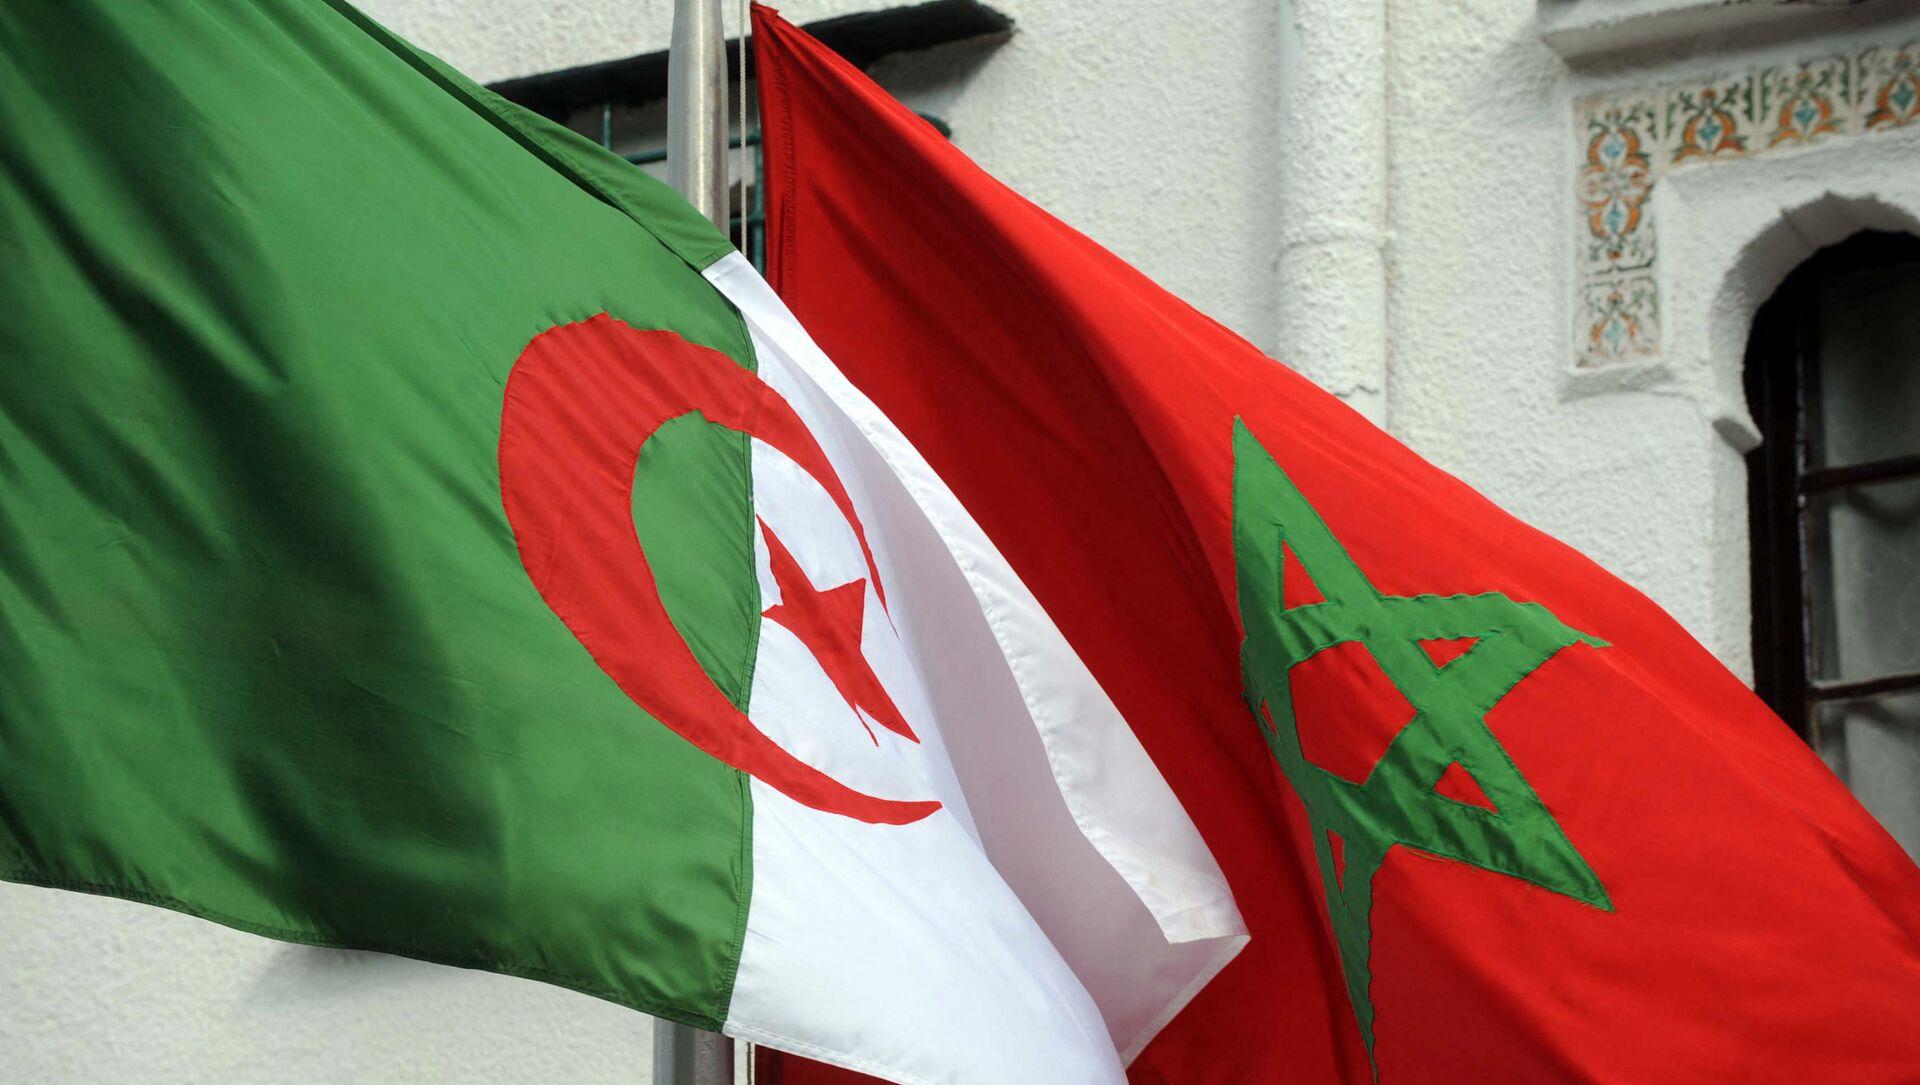 Drapeaux de l'Algérie et du Maroc - Sputnik France, 1920, 19.07.2021